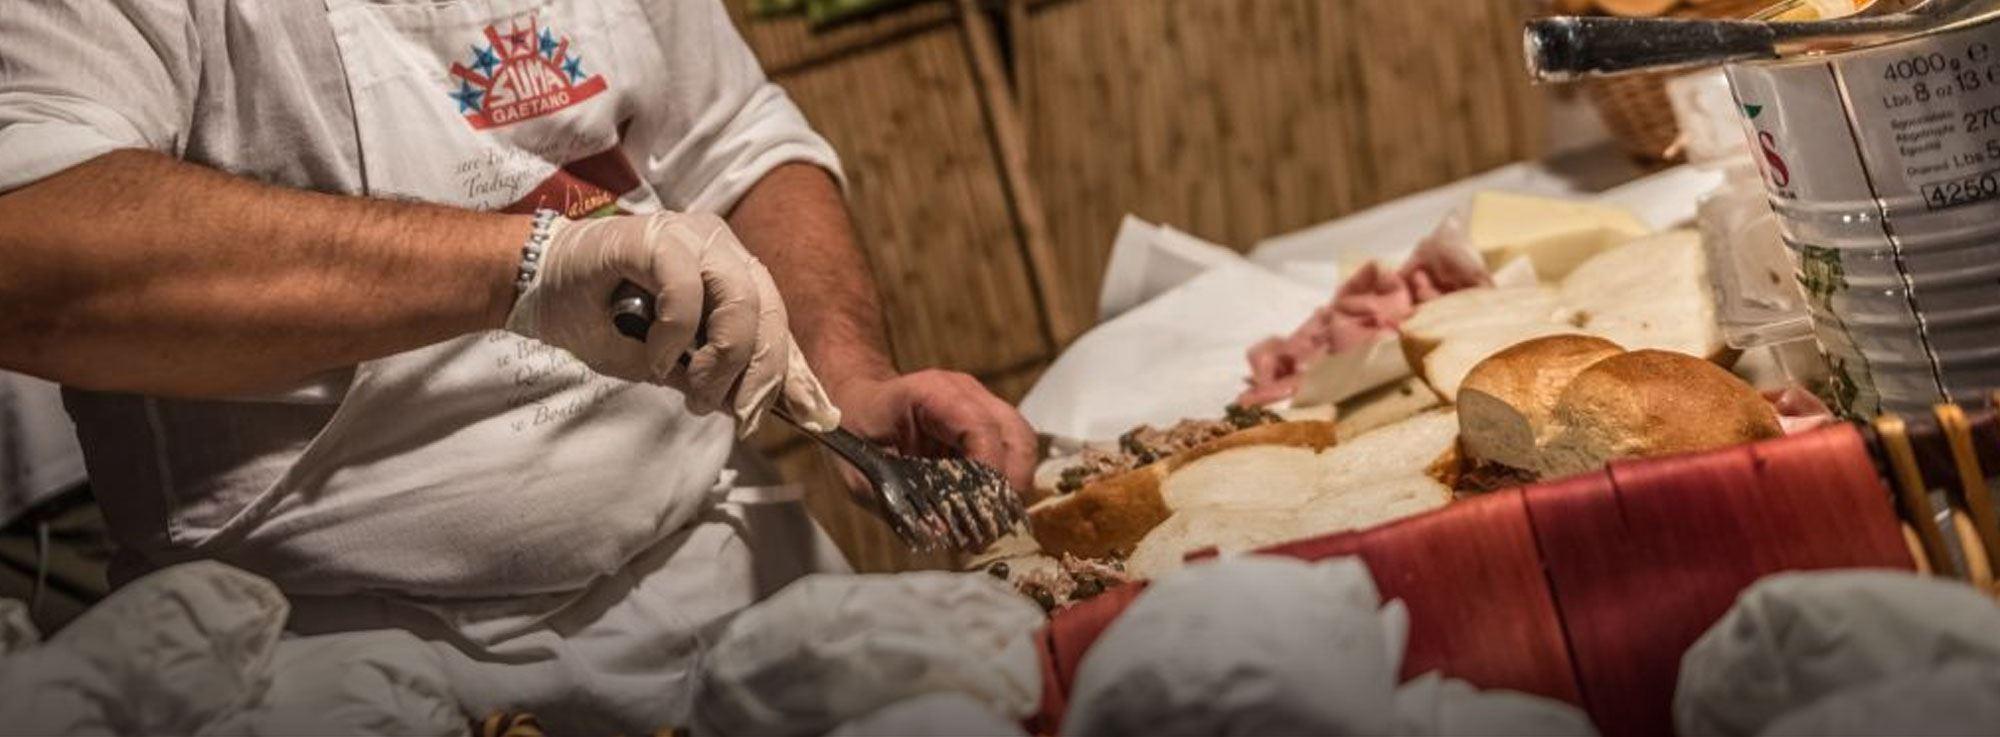 Ceglie Messapica: Ceglie Food Festival